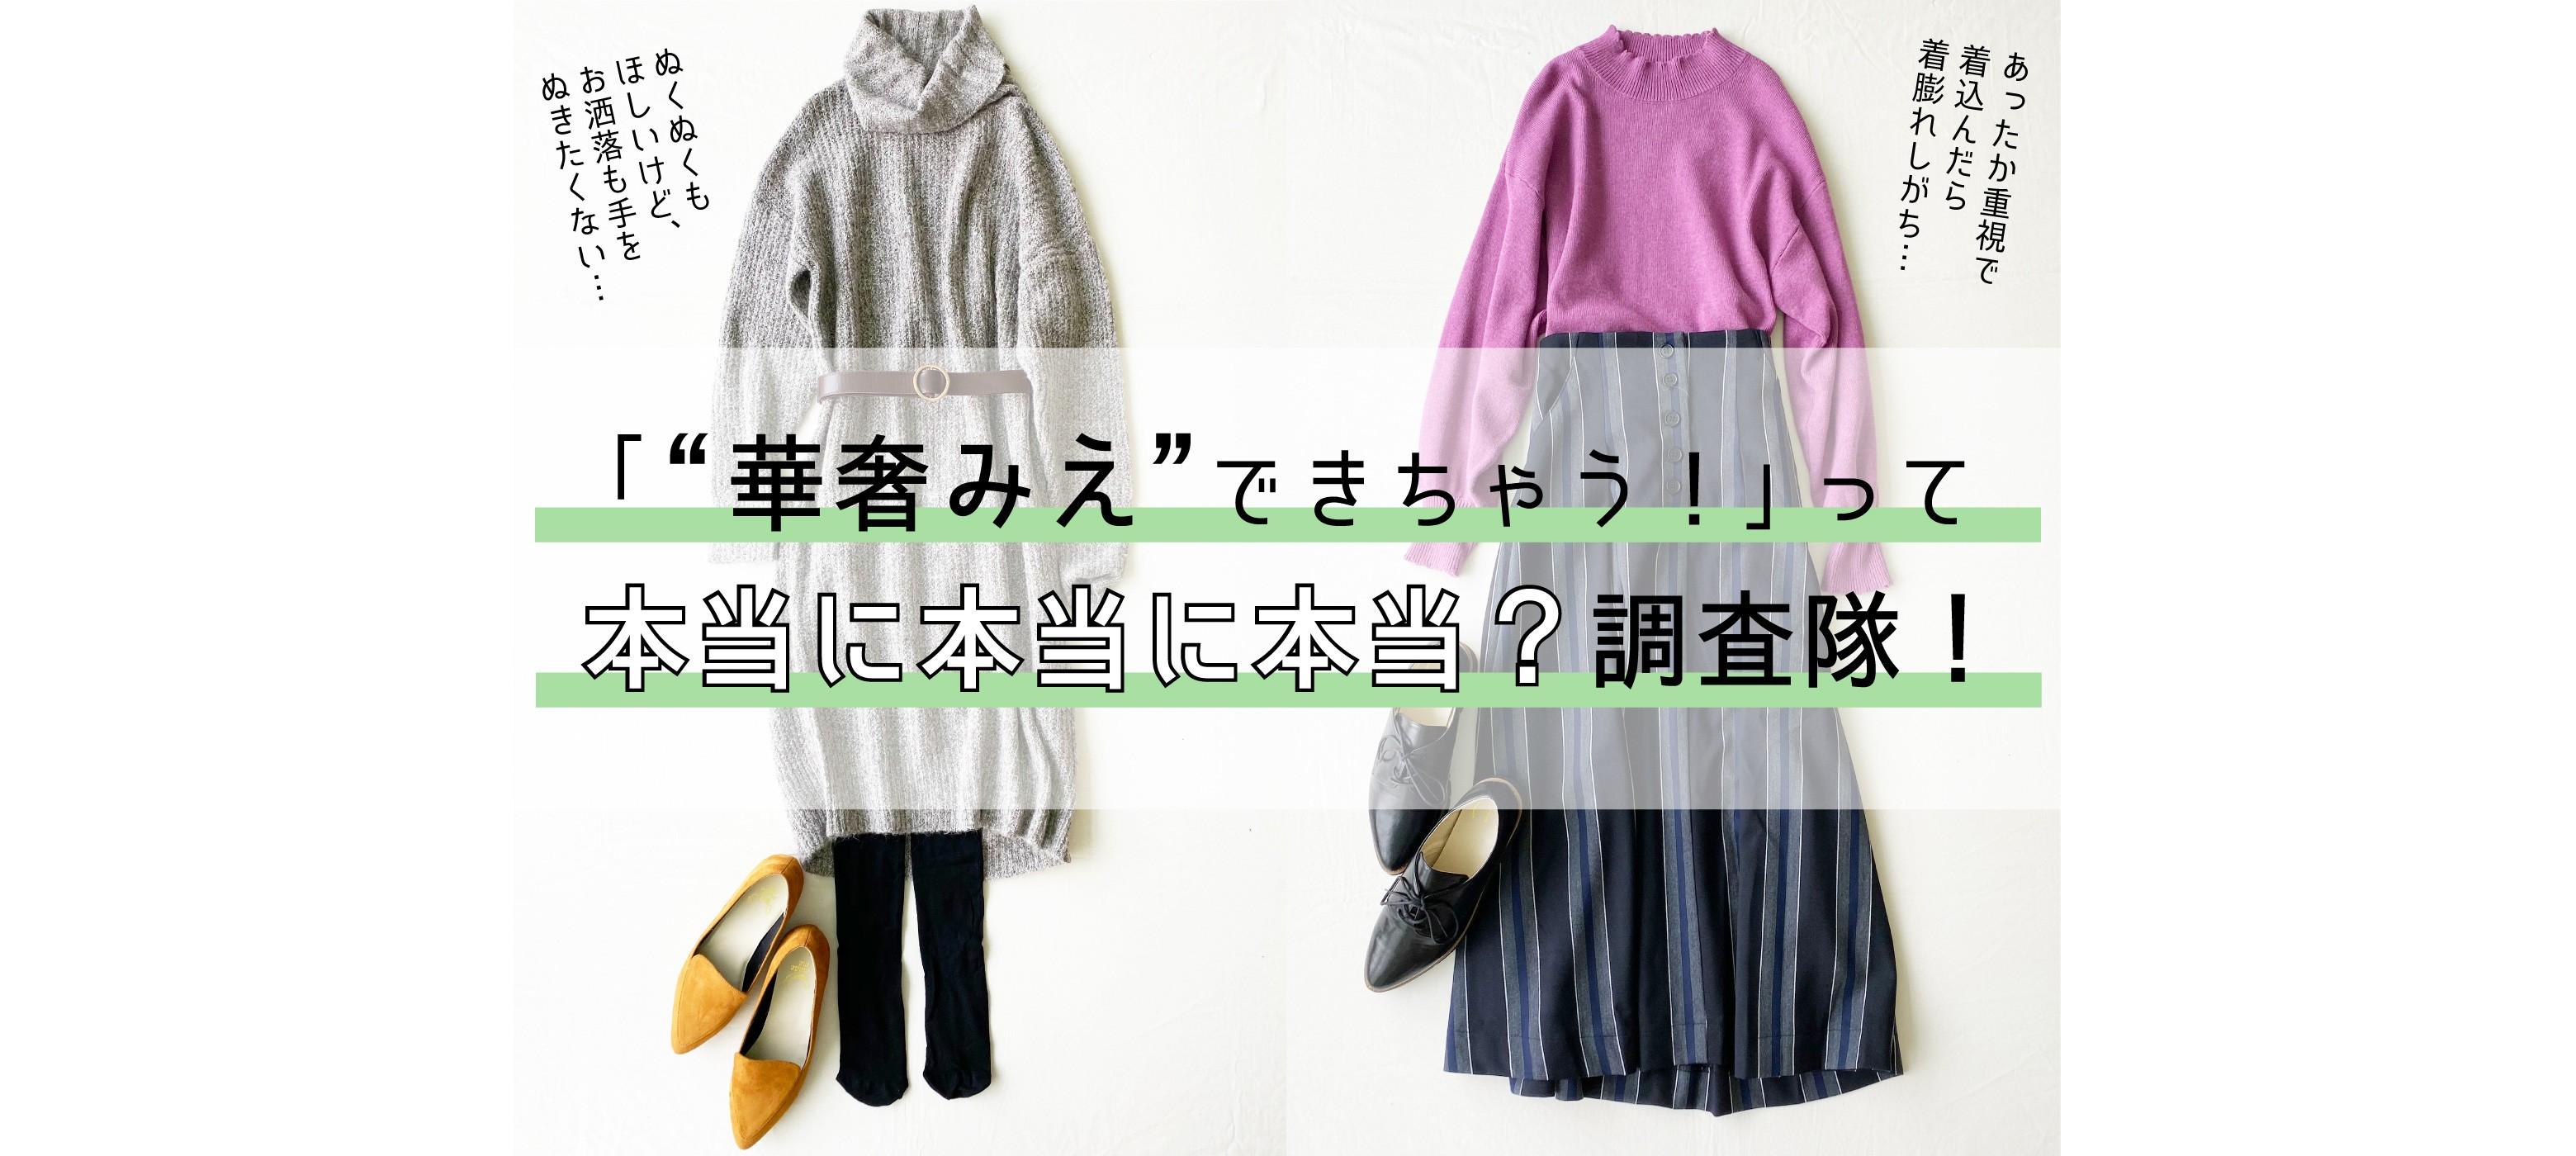 """「""""華奢見え""""できる」の本当のところ調査"""